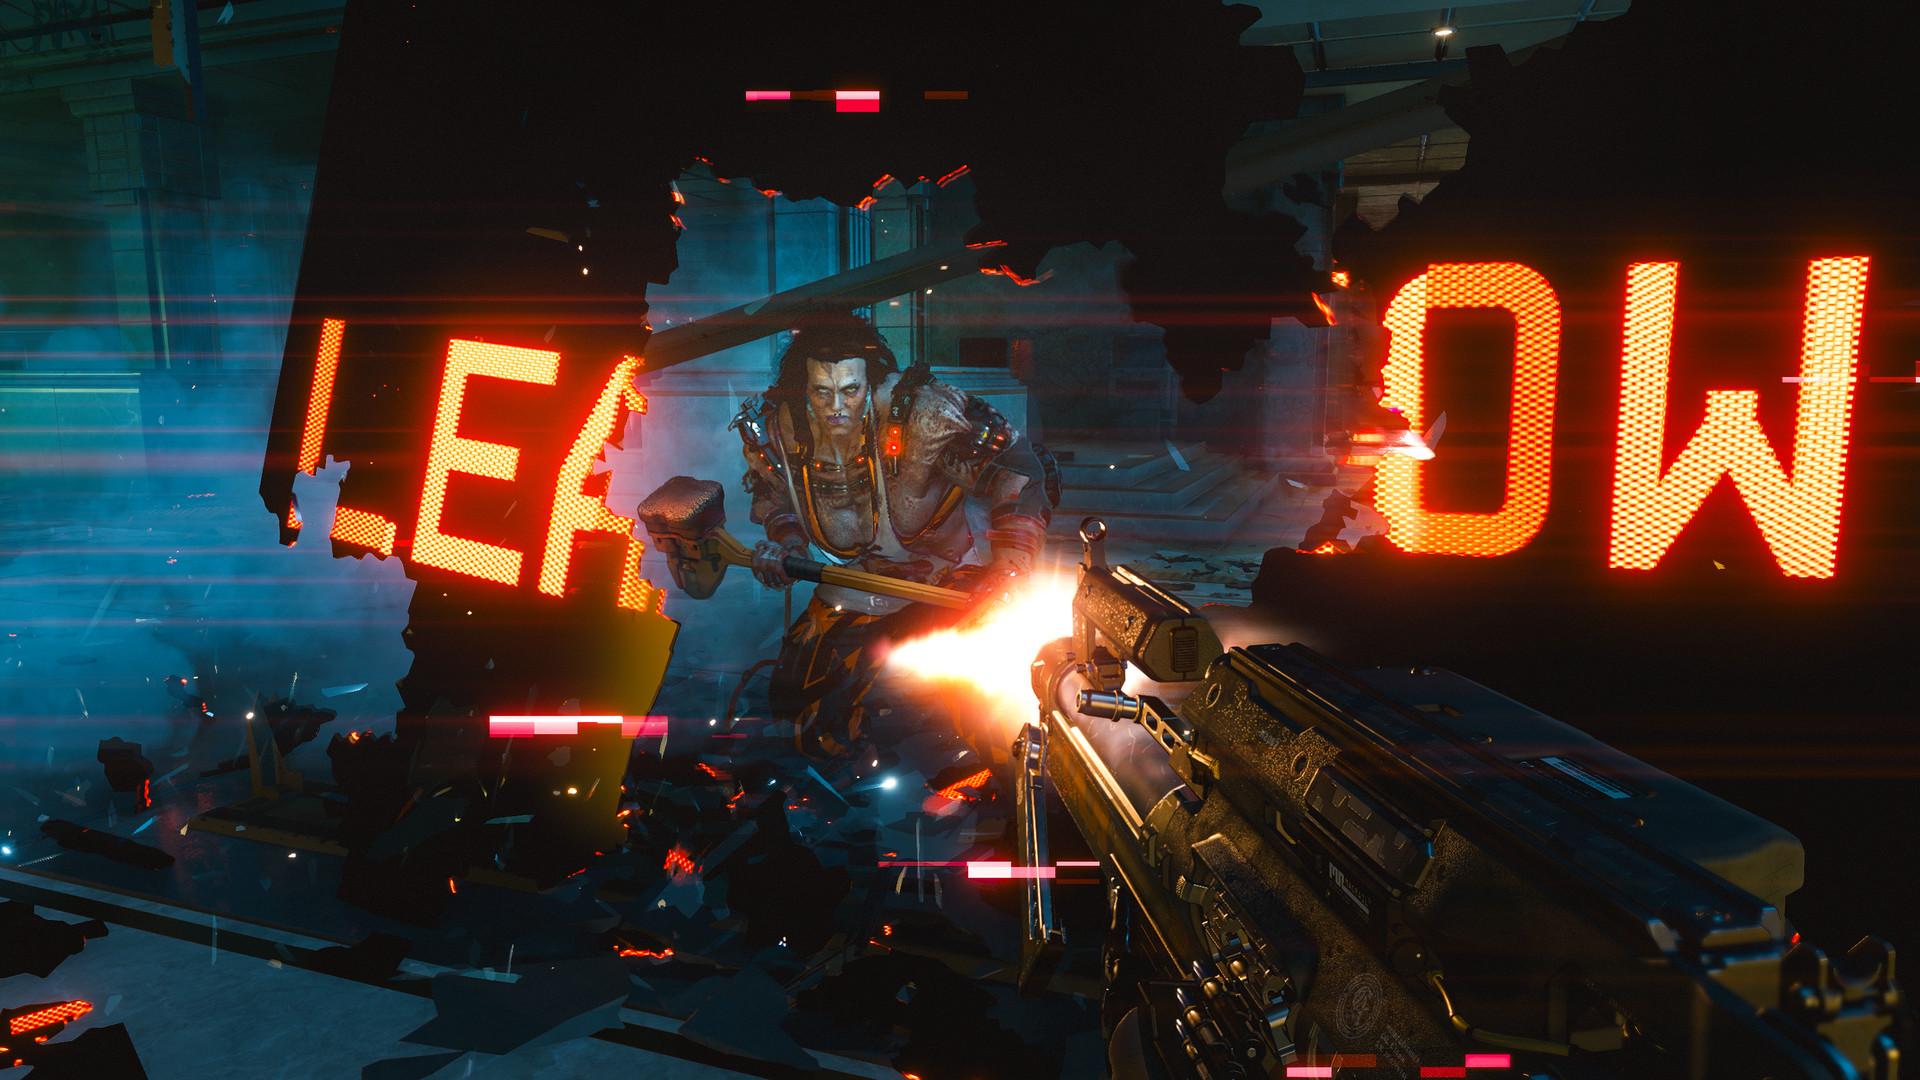 赛博朋克2077/Cyberpunk2077-爱游·幻想